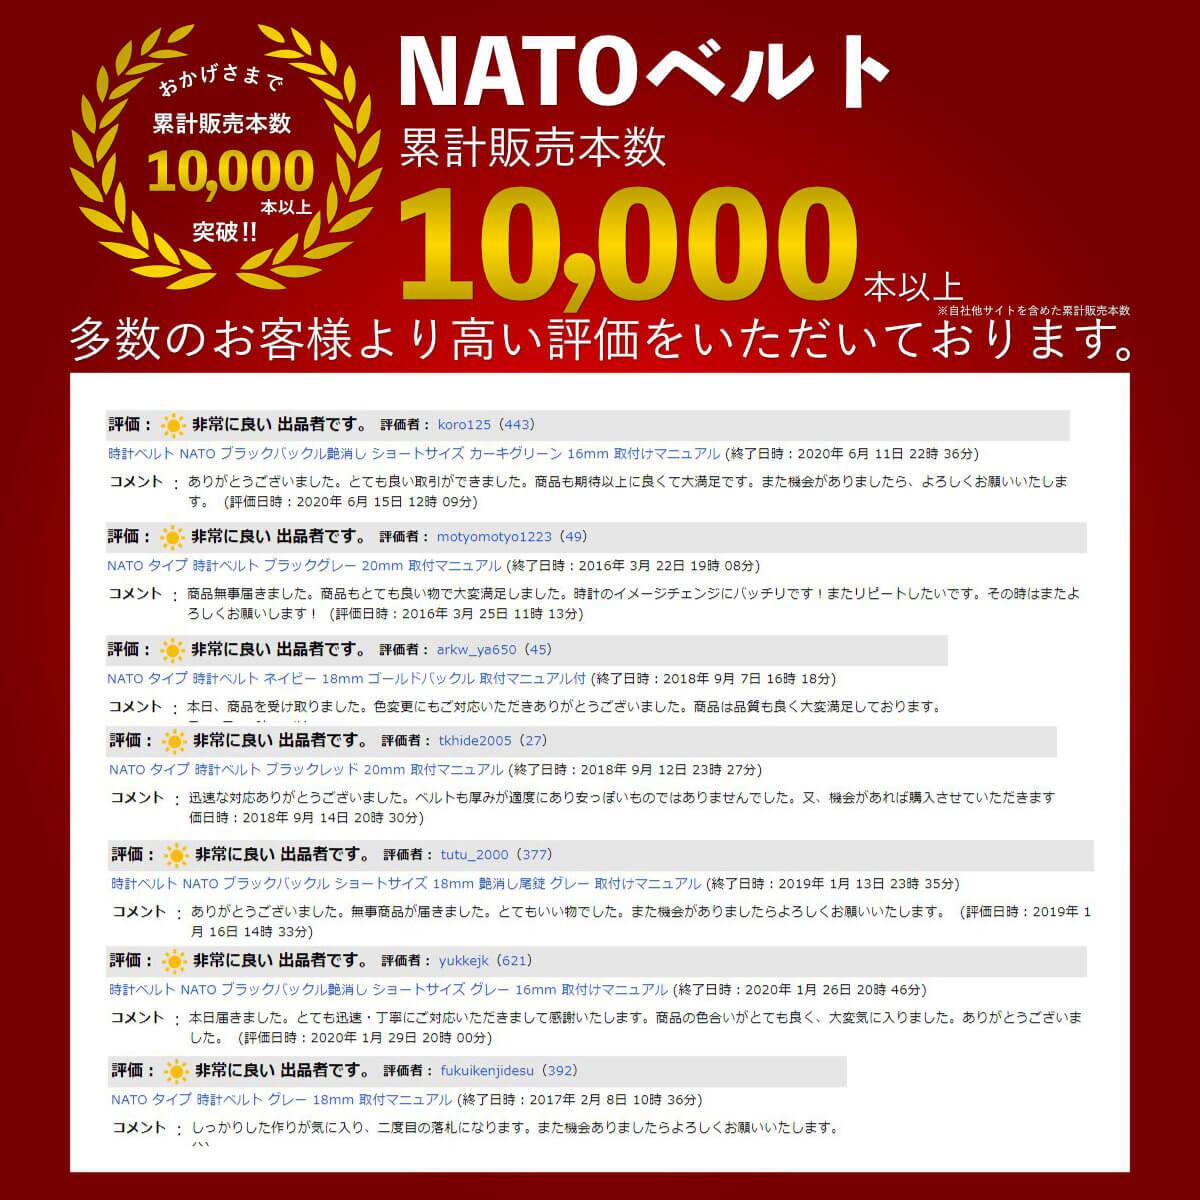 時計ベルト カーキグリーン 20mm NATO ゴールドバックル 全長255mm ショートサイズ ナイロンストラップ取付けマニュアル_画像10